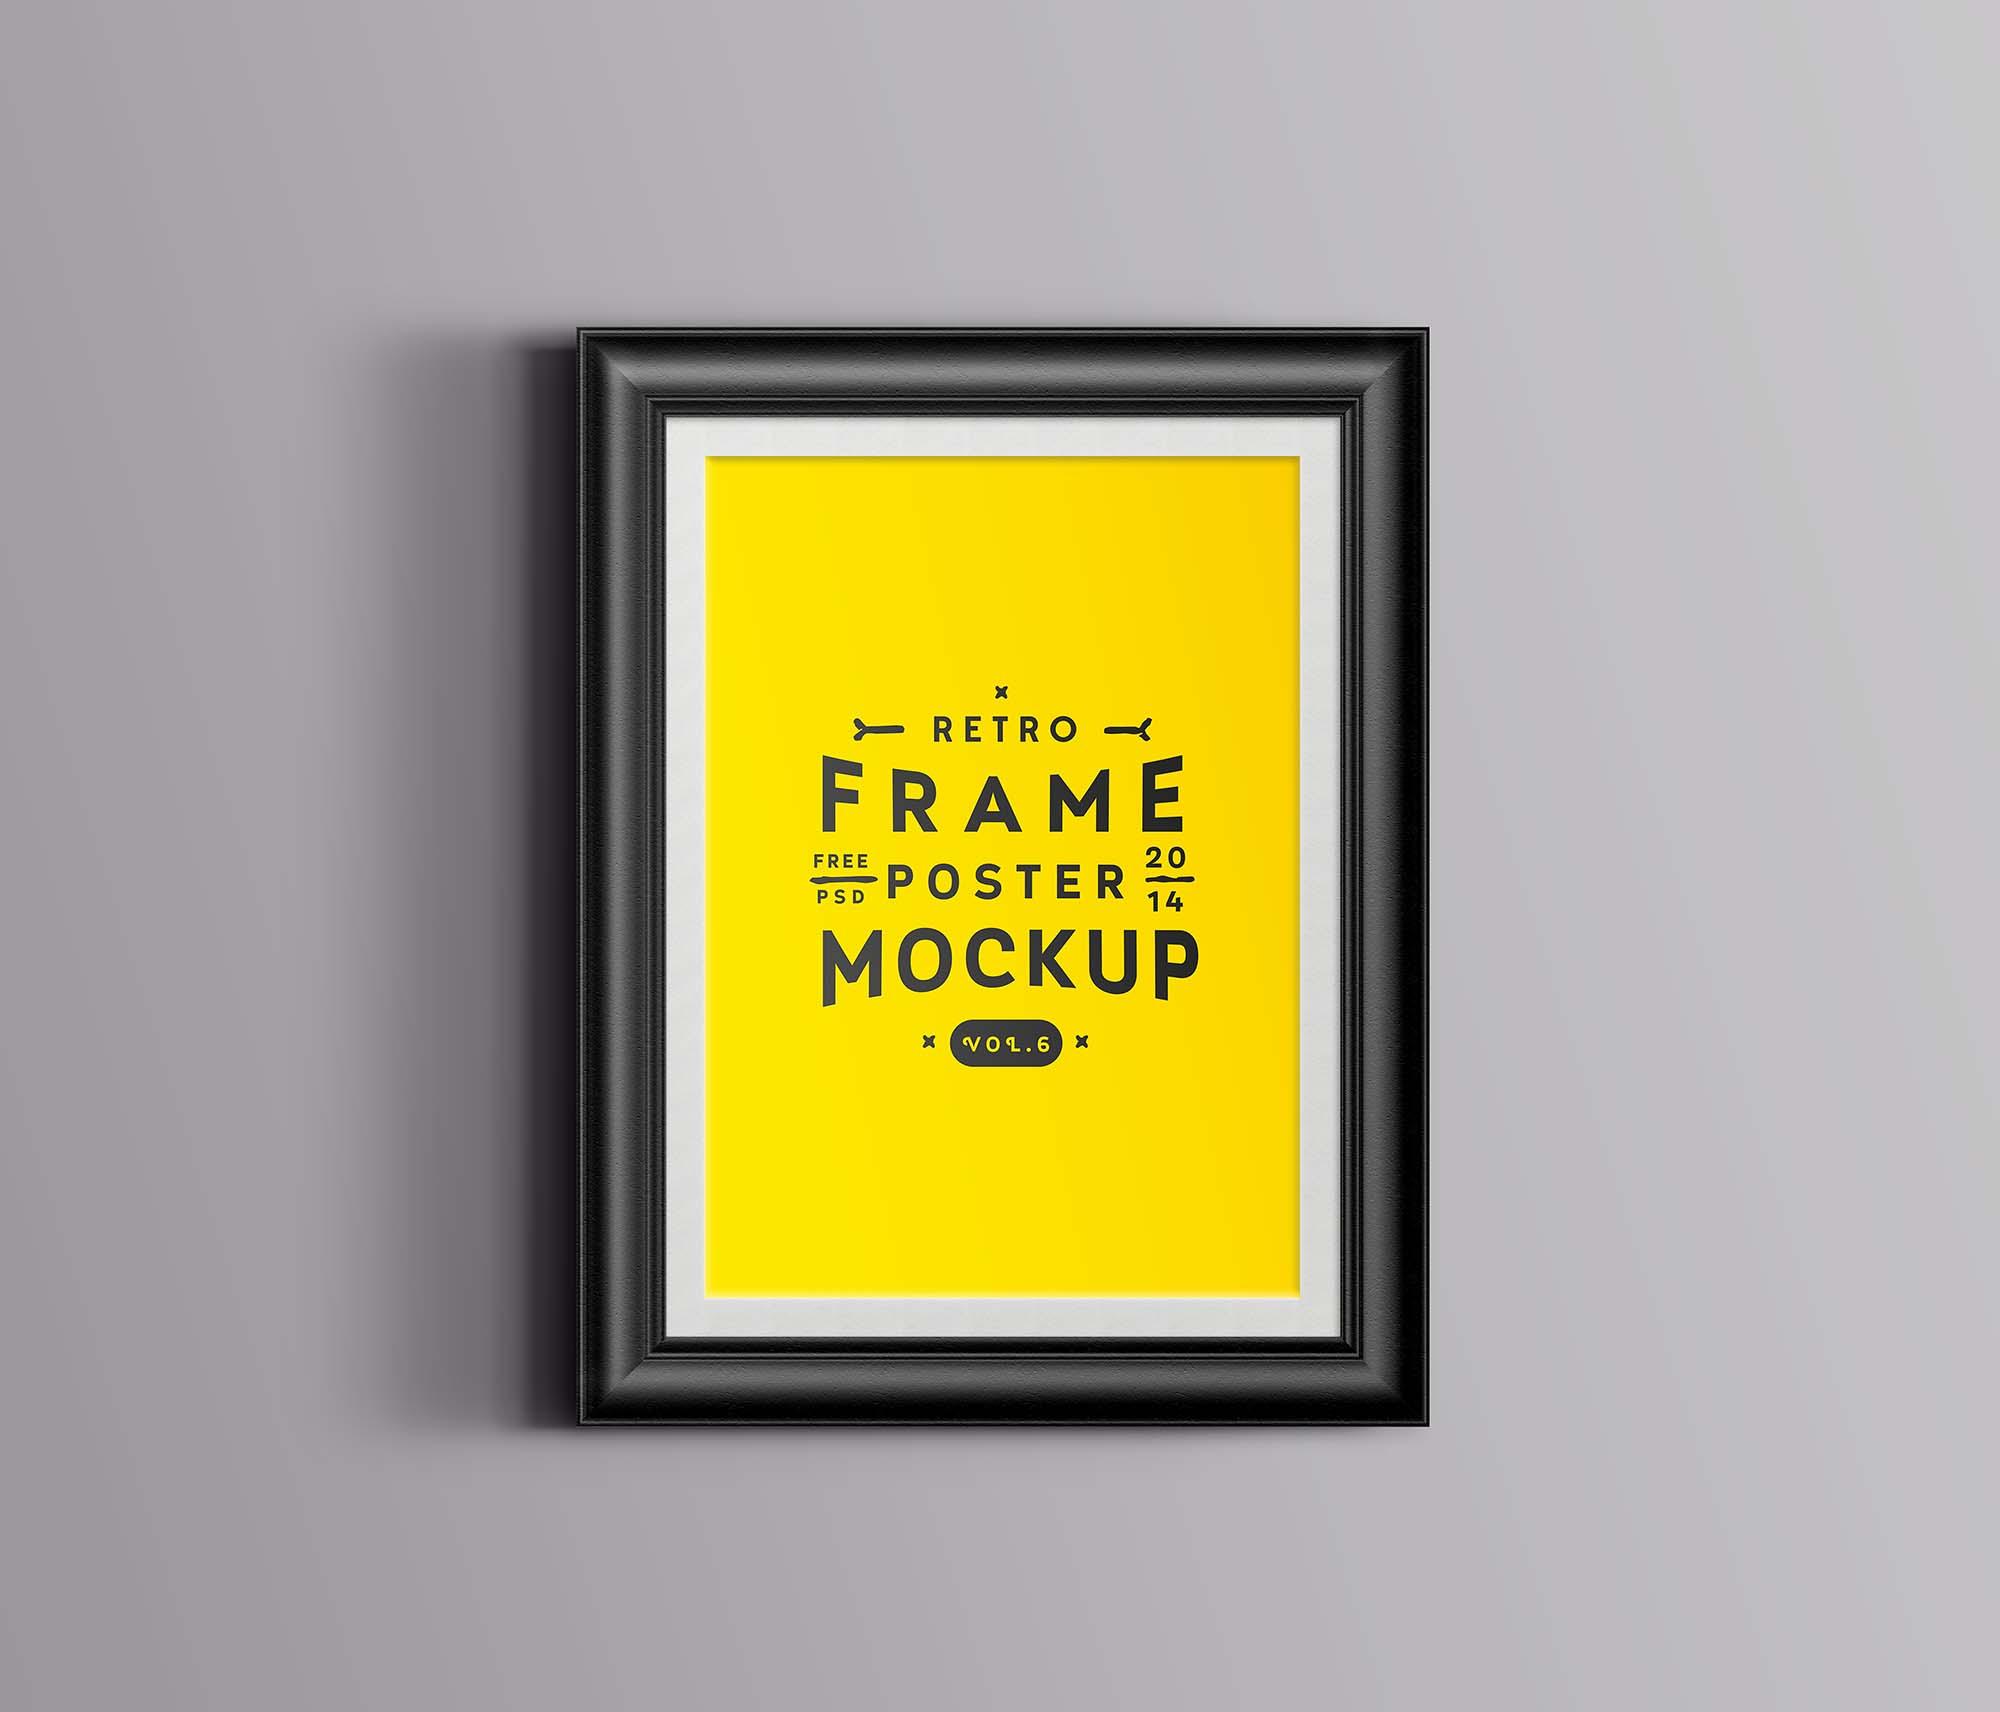 Retro Poster Frame Mockup